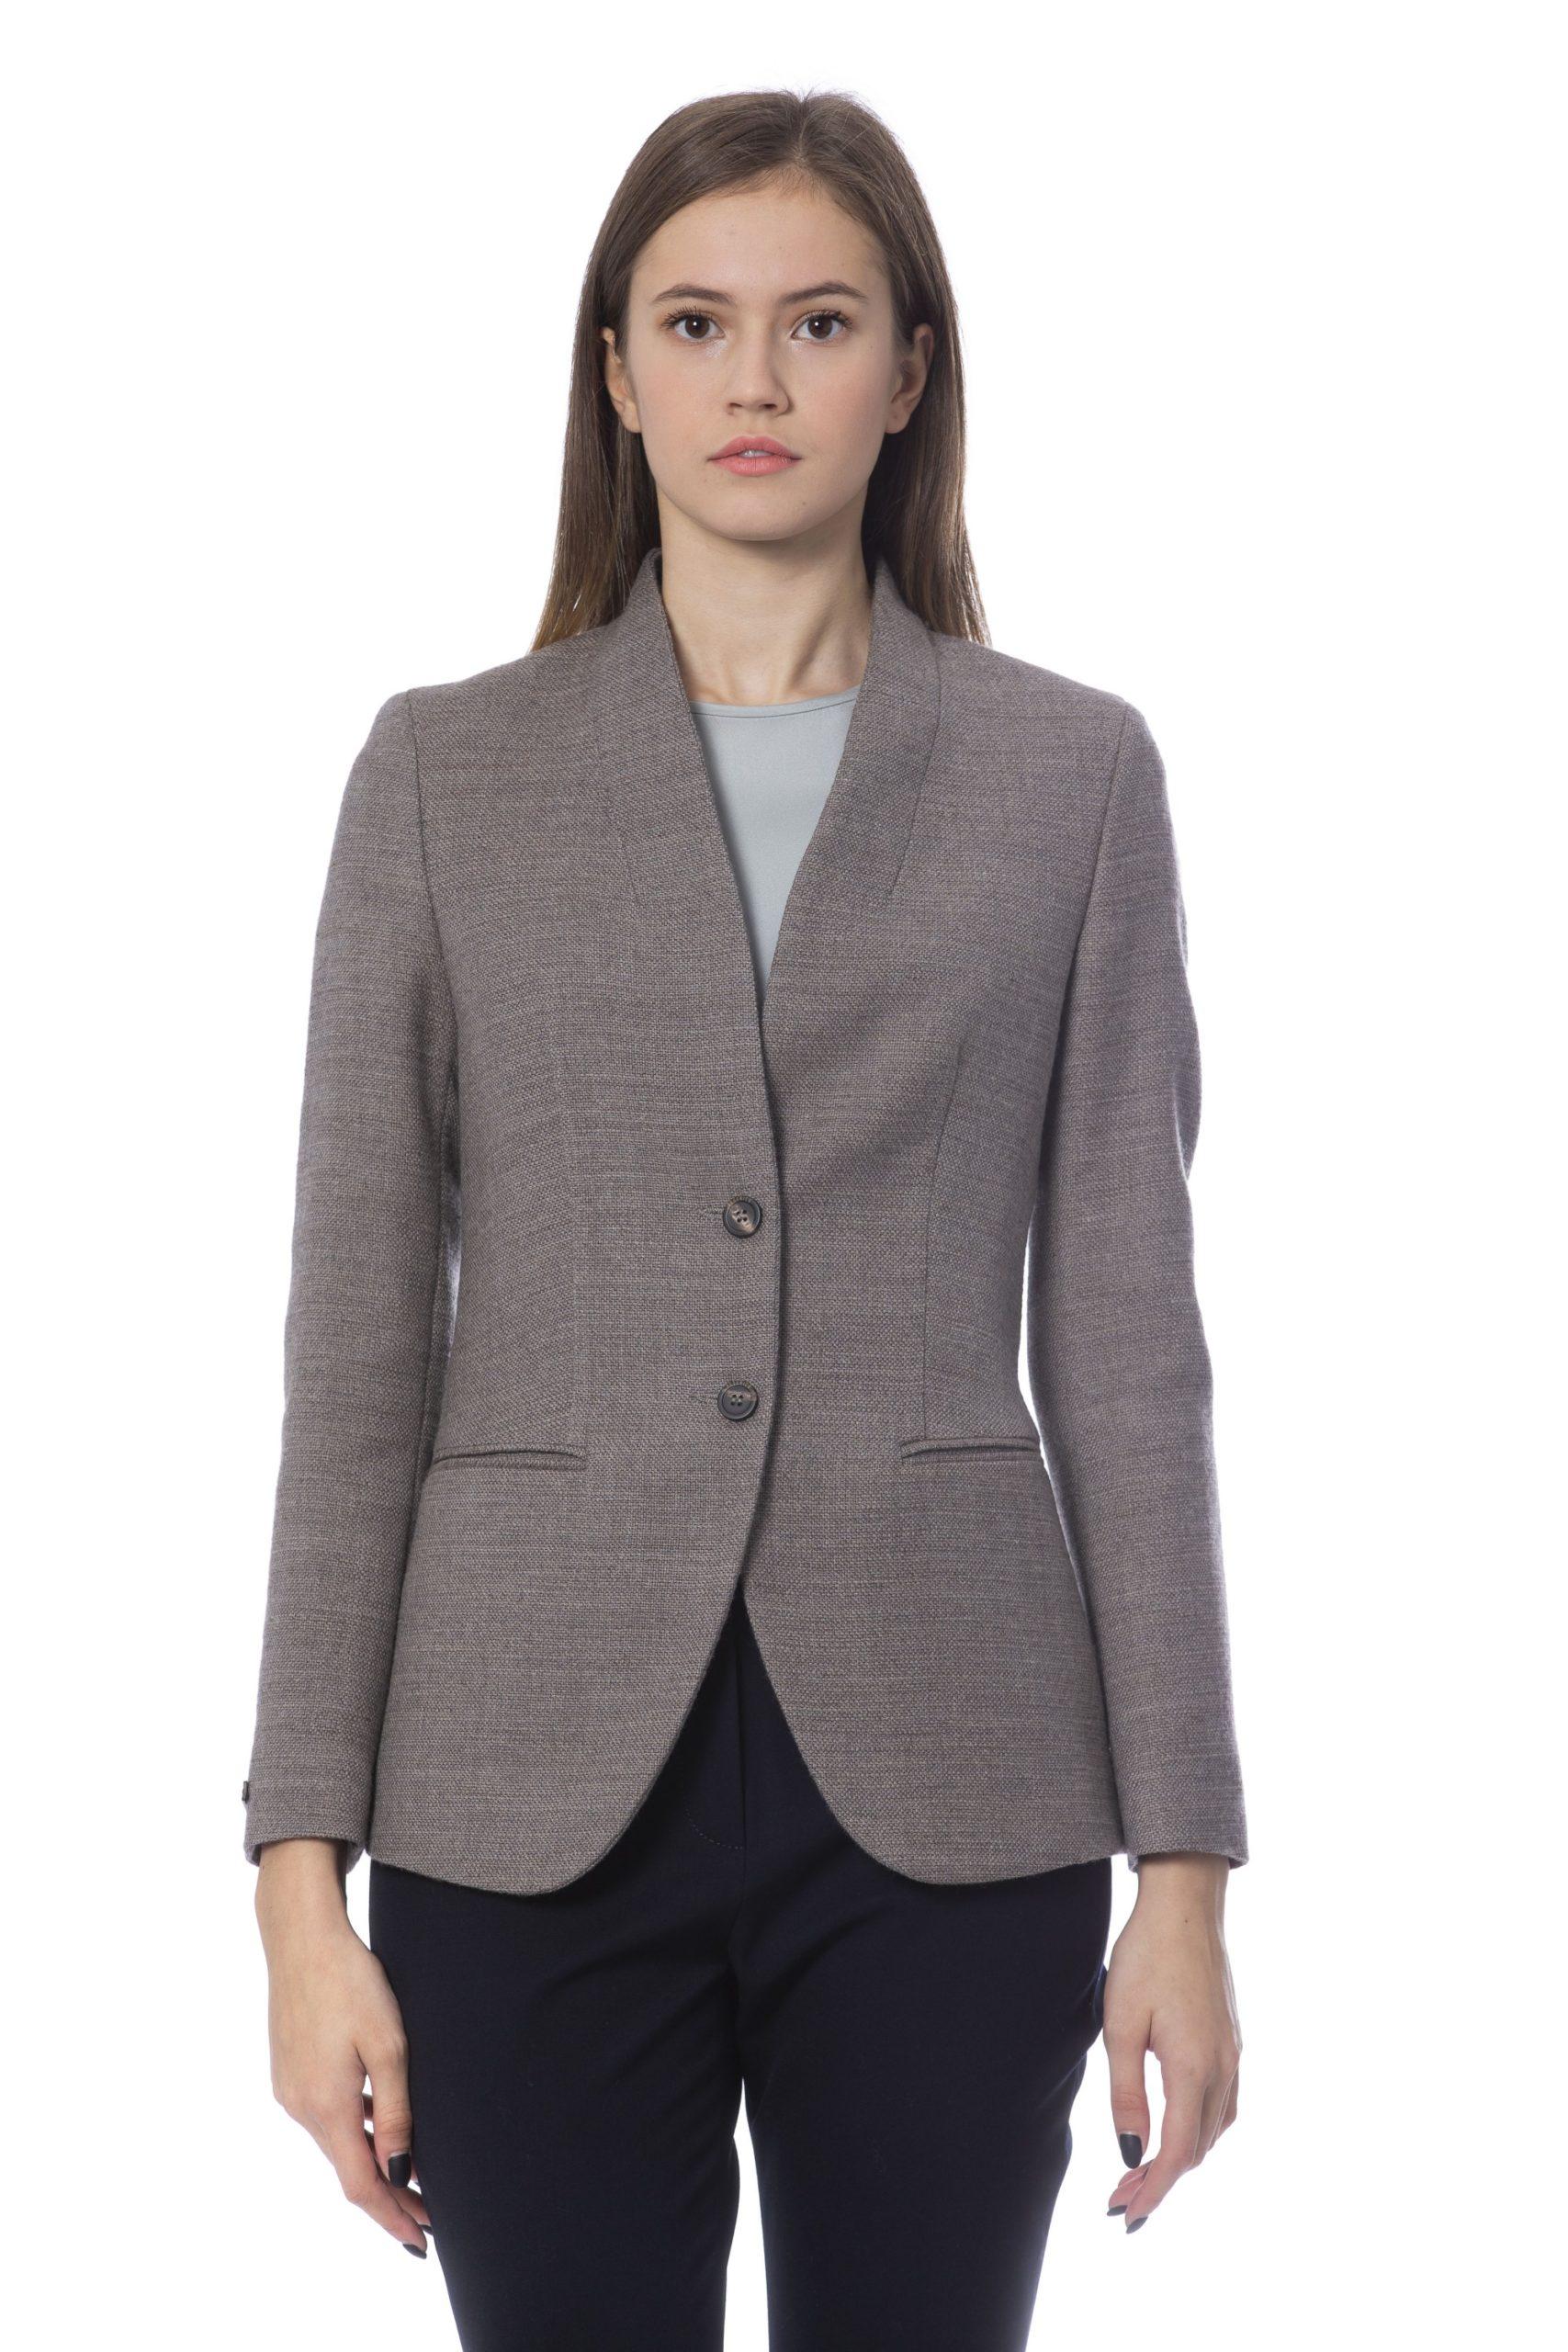 Peserico Women's Jackets Beige PE854514 - IT48 | XL